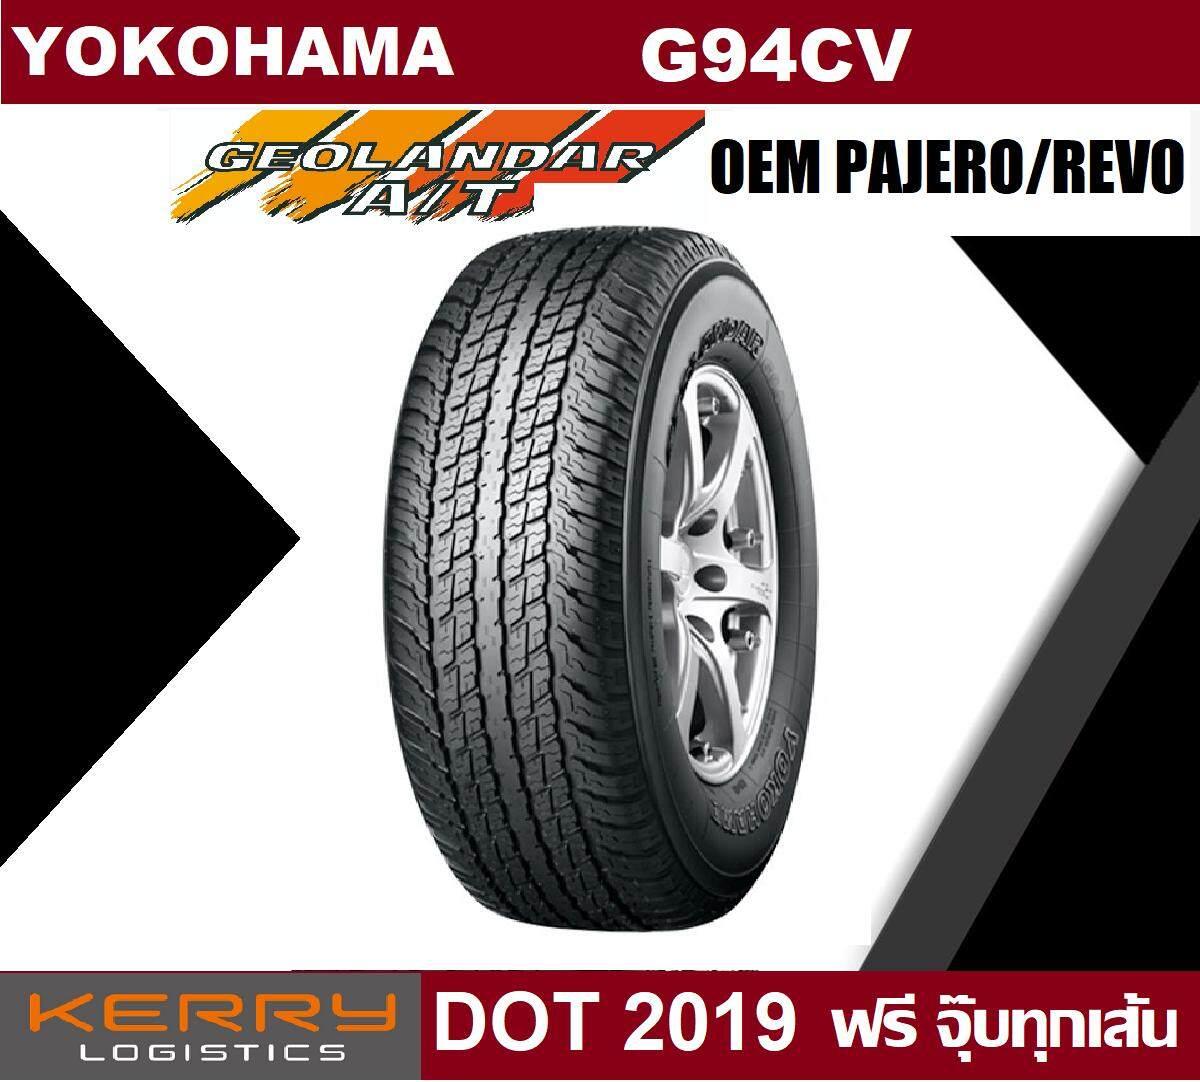 ประกันภัย รถยนต์ ชั้น 3 ราคา ถูก ปัตตานี OEM ยางรถยนต์ Yokohama รุ่น Geolandar G94CV ขนาด 265/70R16 จำนวน 4 เส้น (2019)